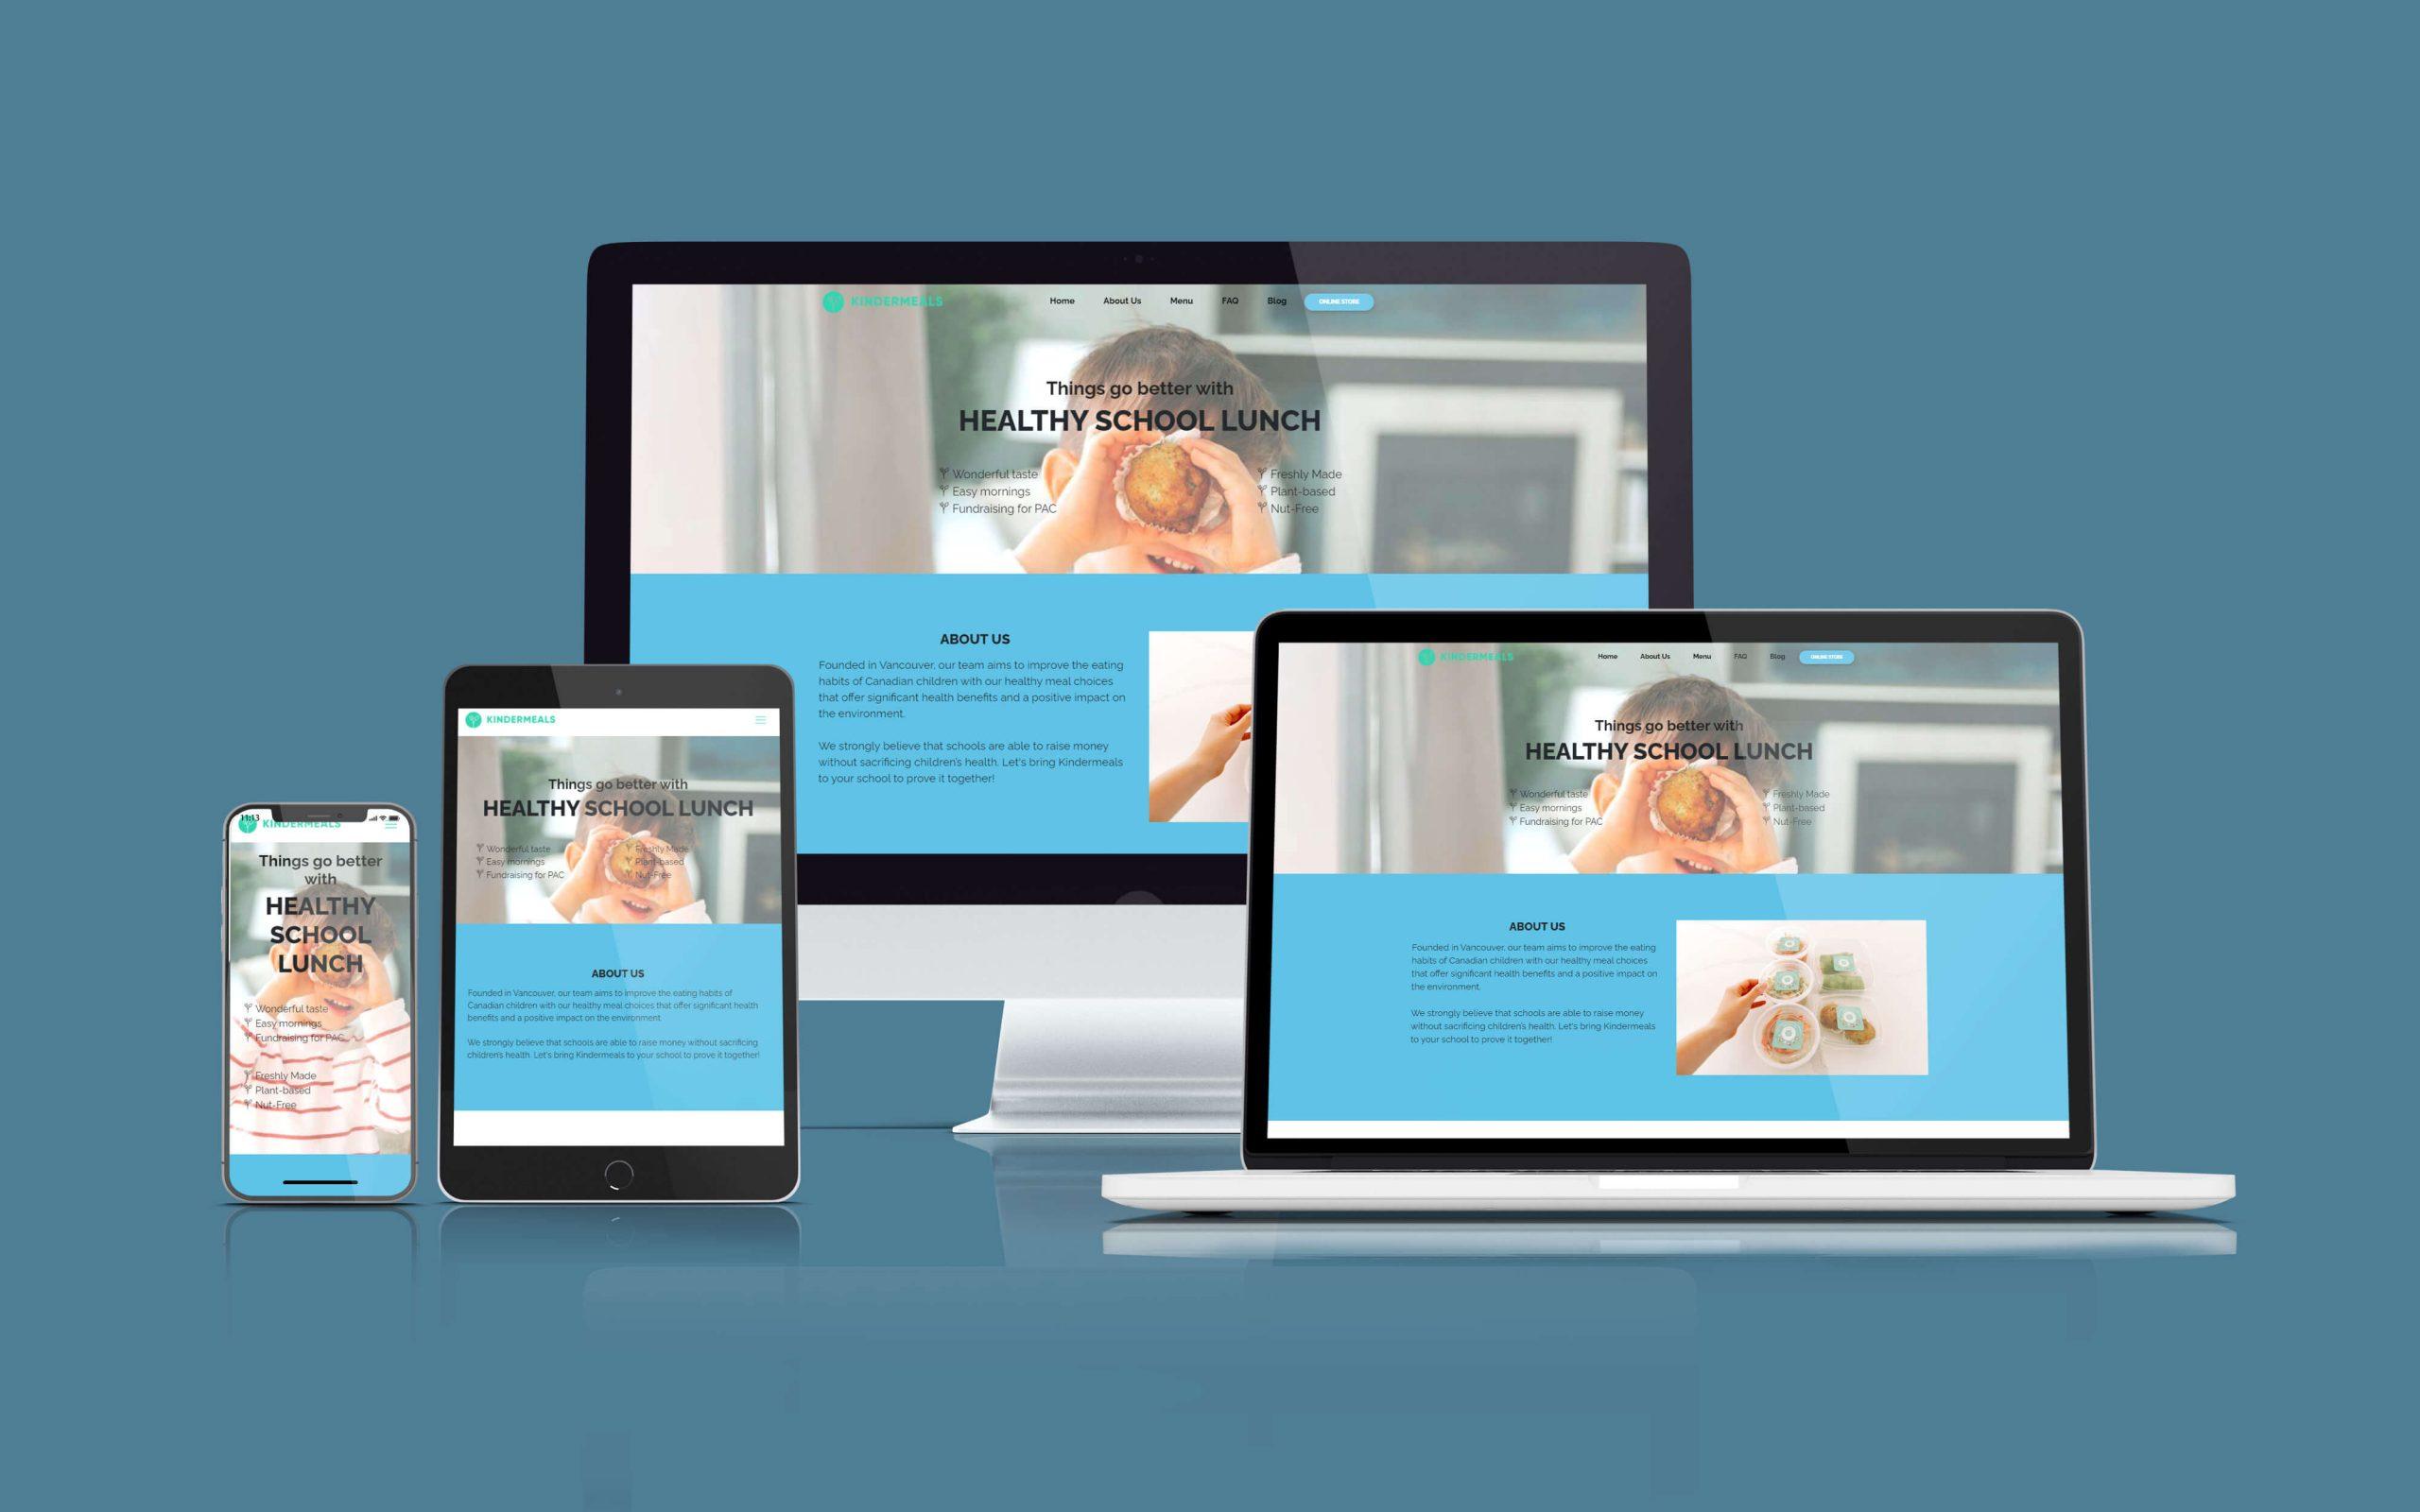 کیندر میلز - ظراحی وب سایت